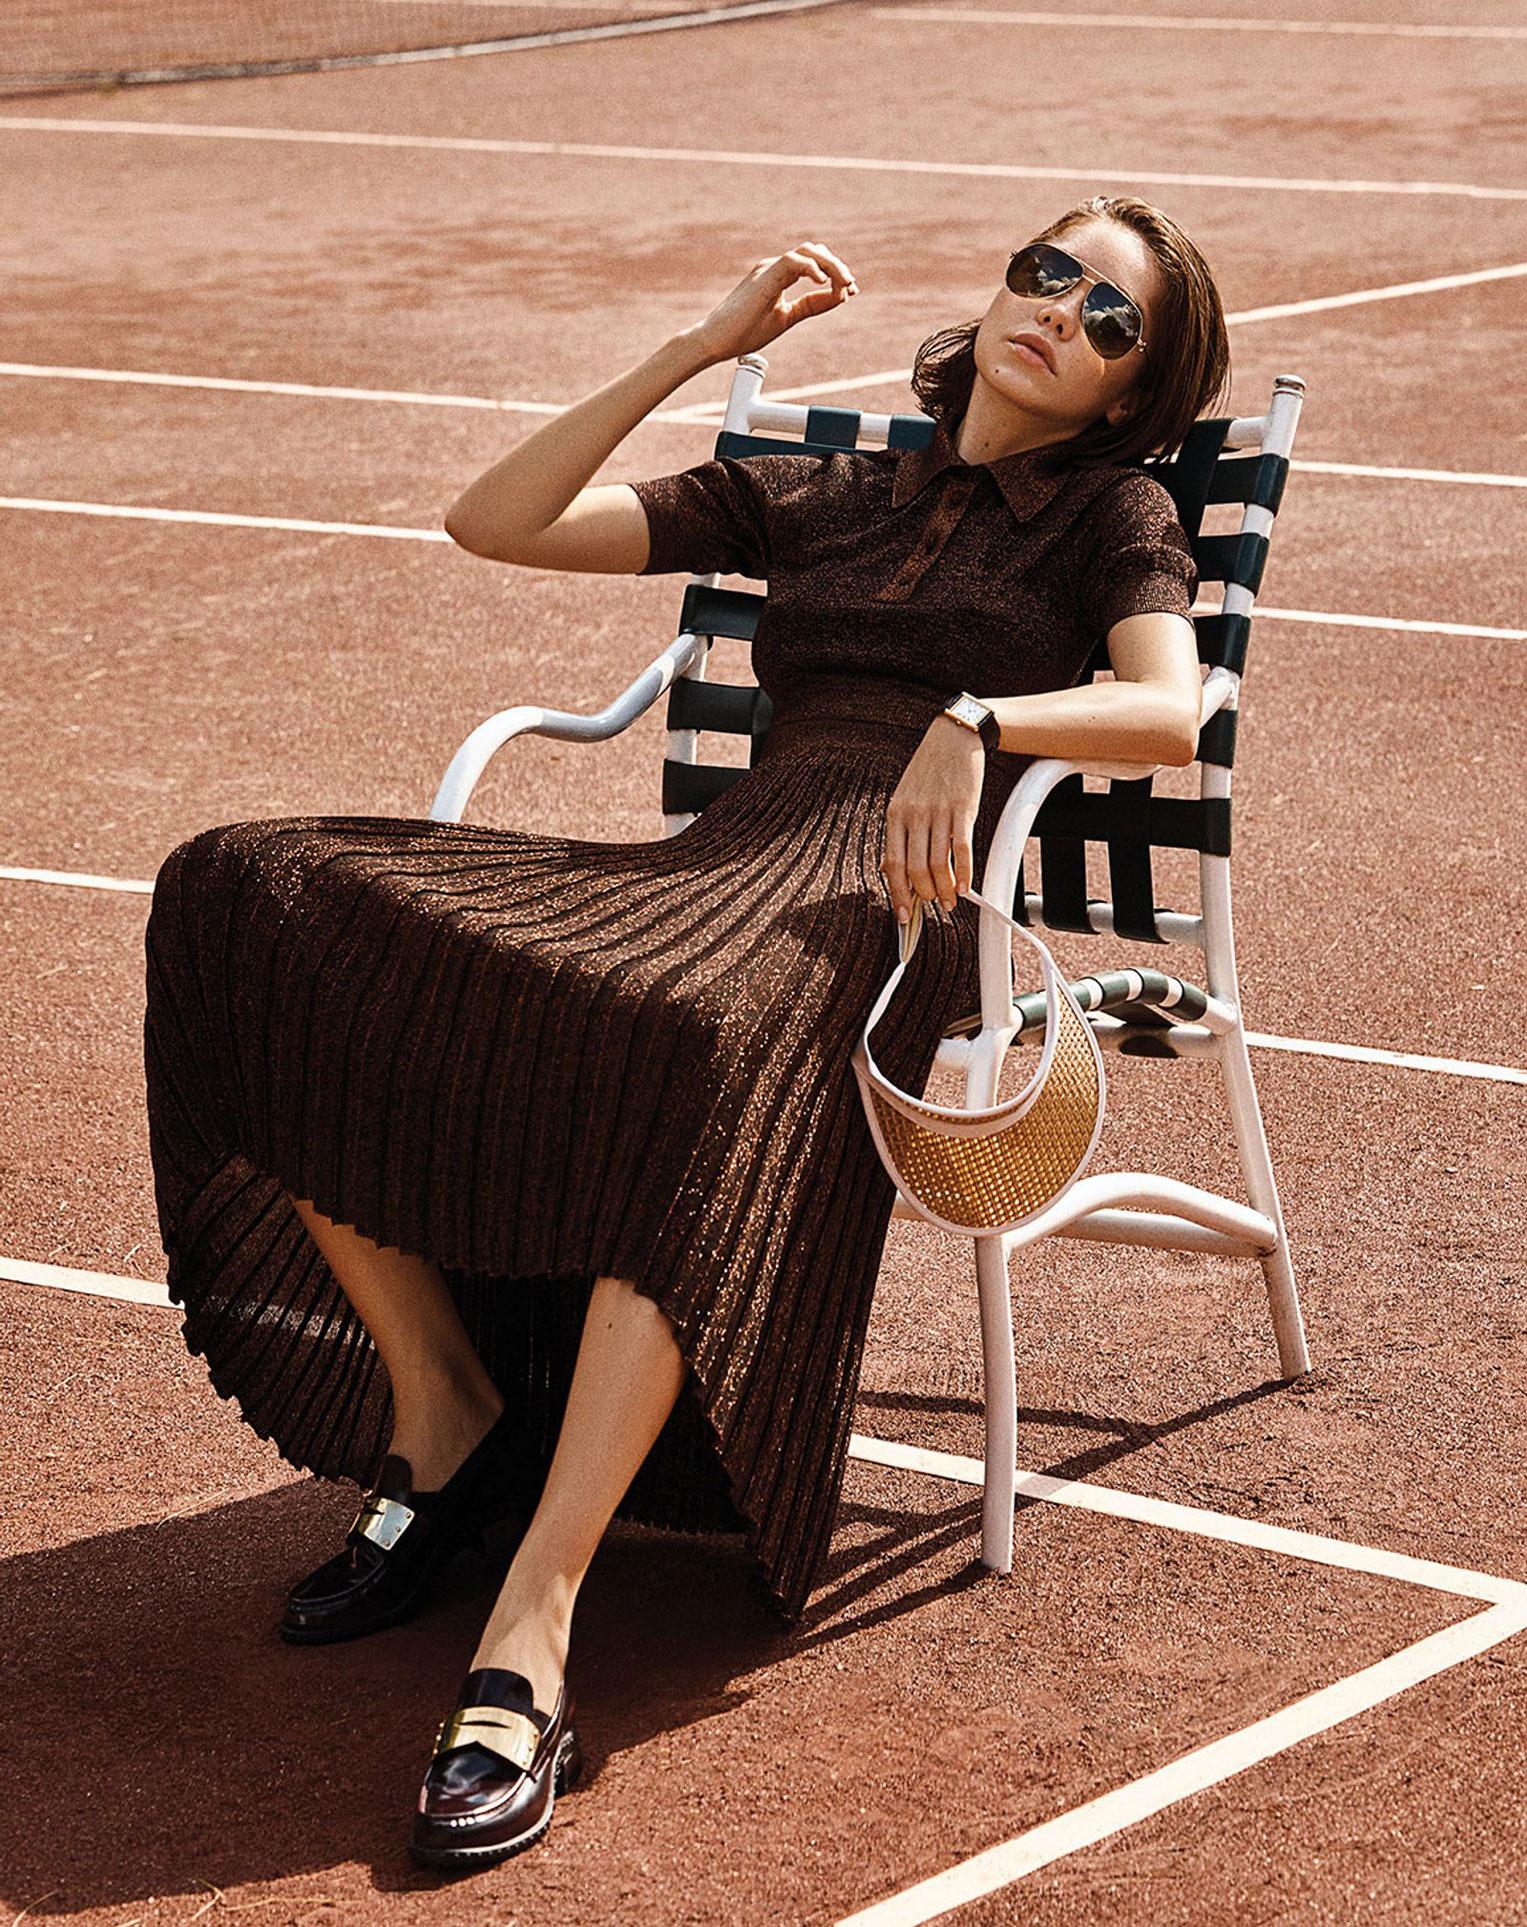 -Королева кортов- Мишель Дантас в модной одежде спортивного стиля / фото 06